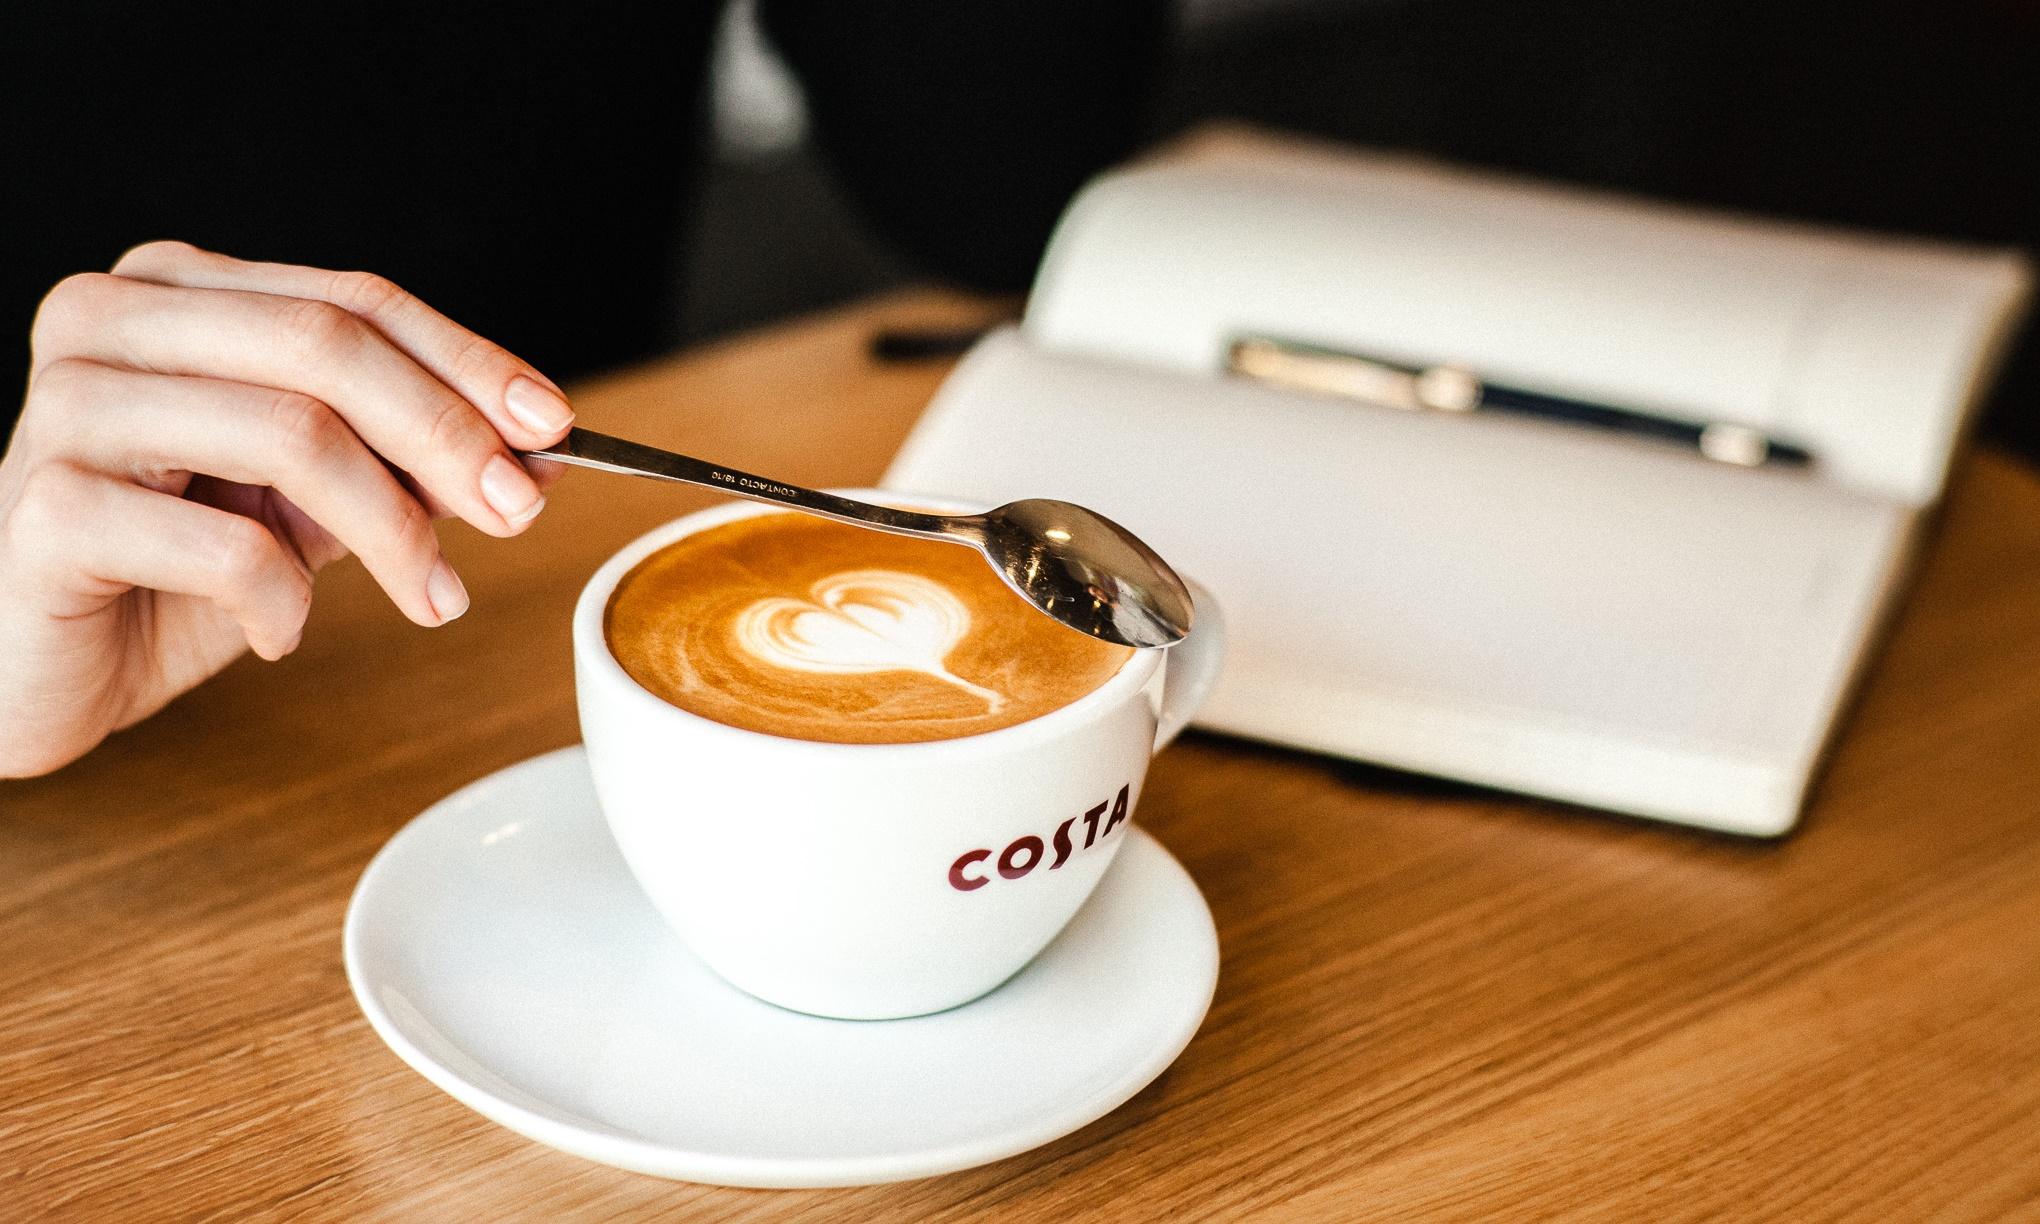 Nietypowa współpraca COSTA COFFEE COSTA COFFEE Costa Coffee Zaczytaj się do ostatniej kropli crop